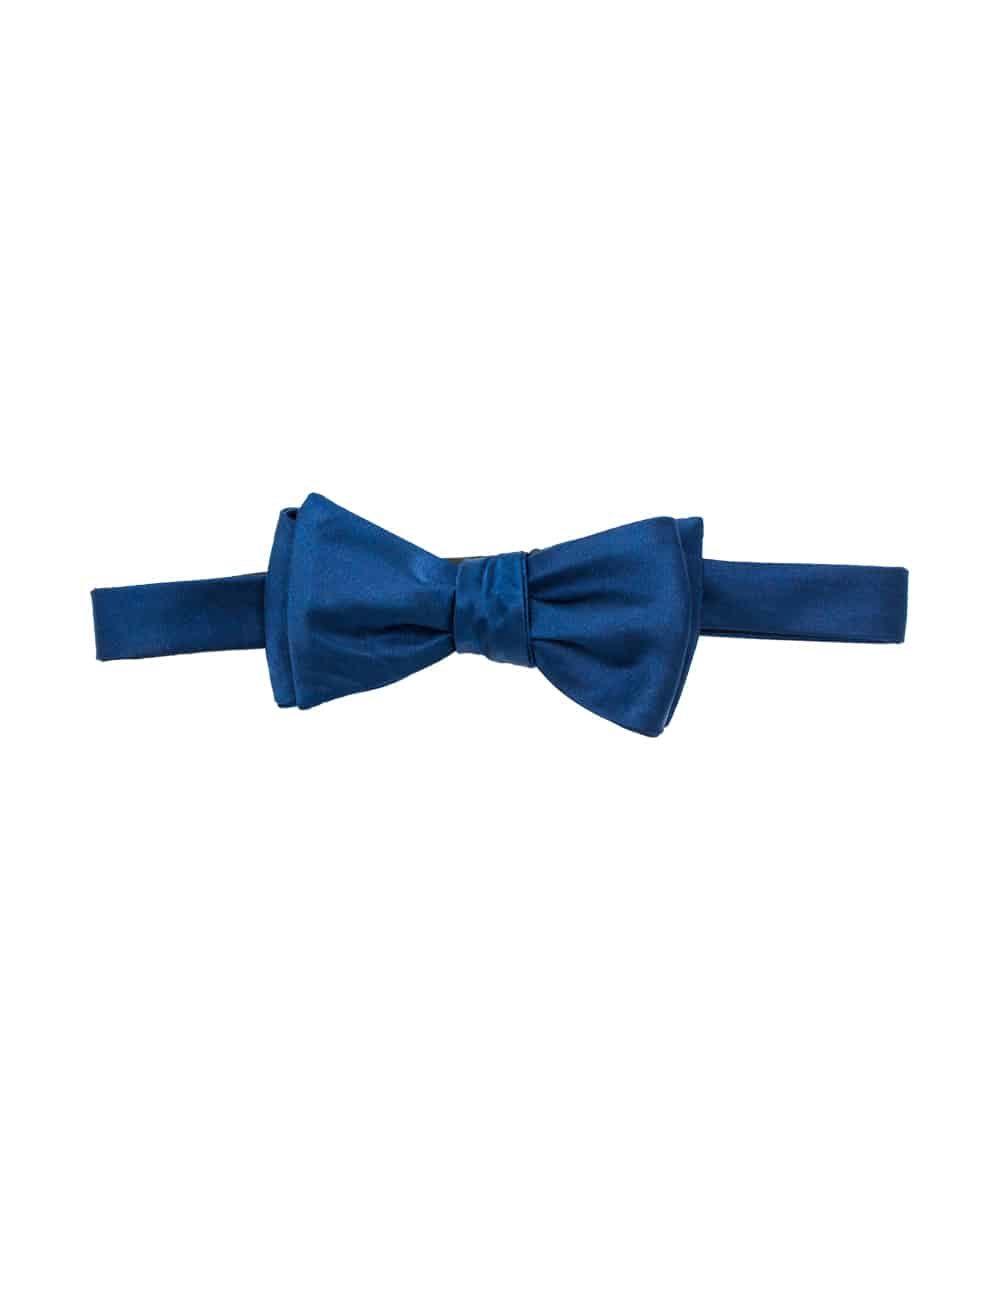 Solid Midnight Blue Woven Self Tie Bowtie WSTBT4.6